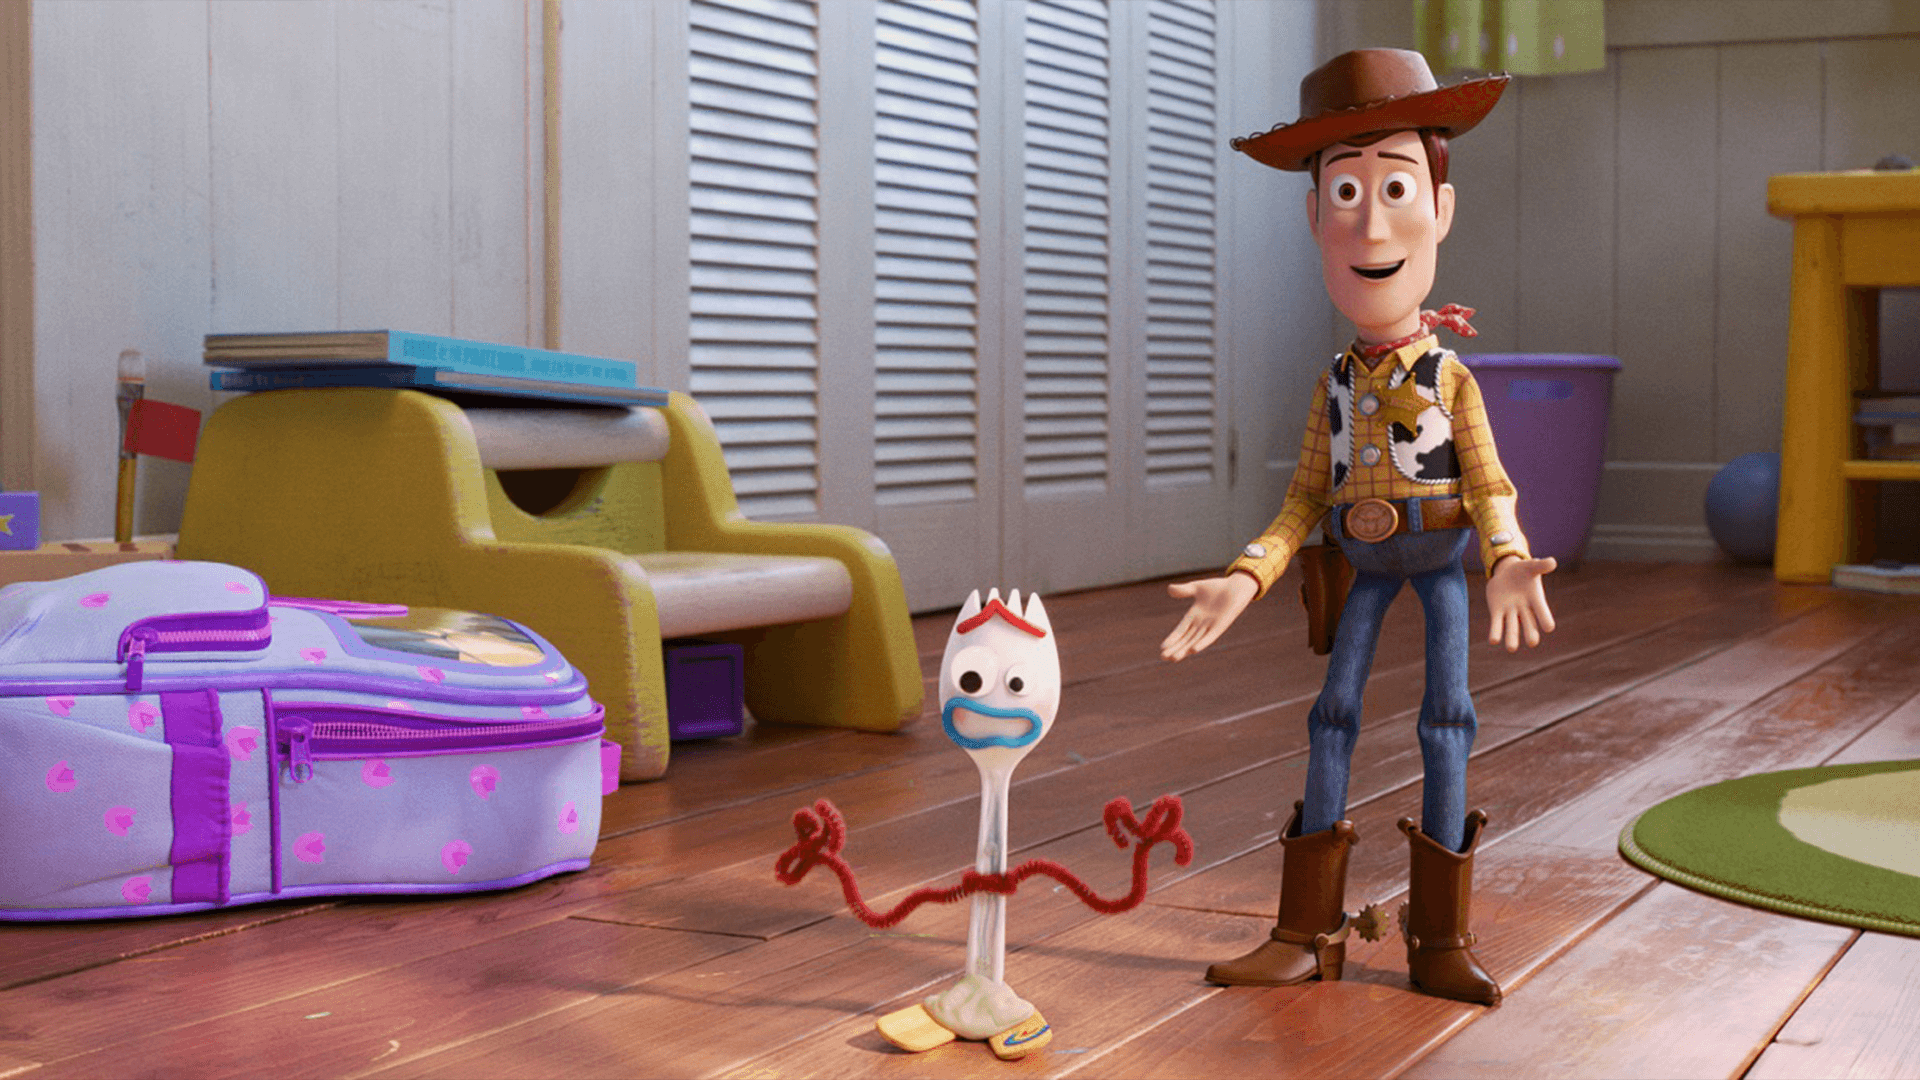 『トイ・ストーリー4』は必然だった!おもちゃの「自立」に踏み込むピクサーの総決算